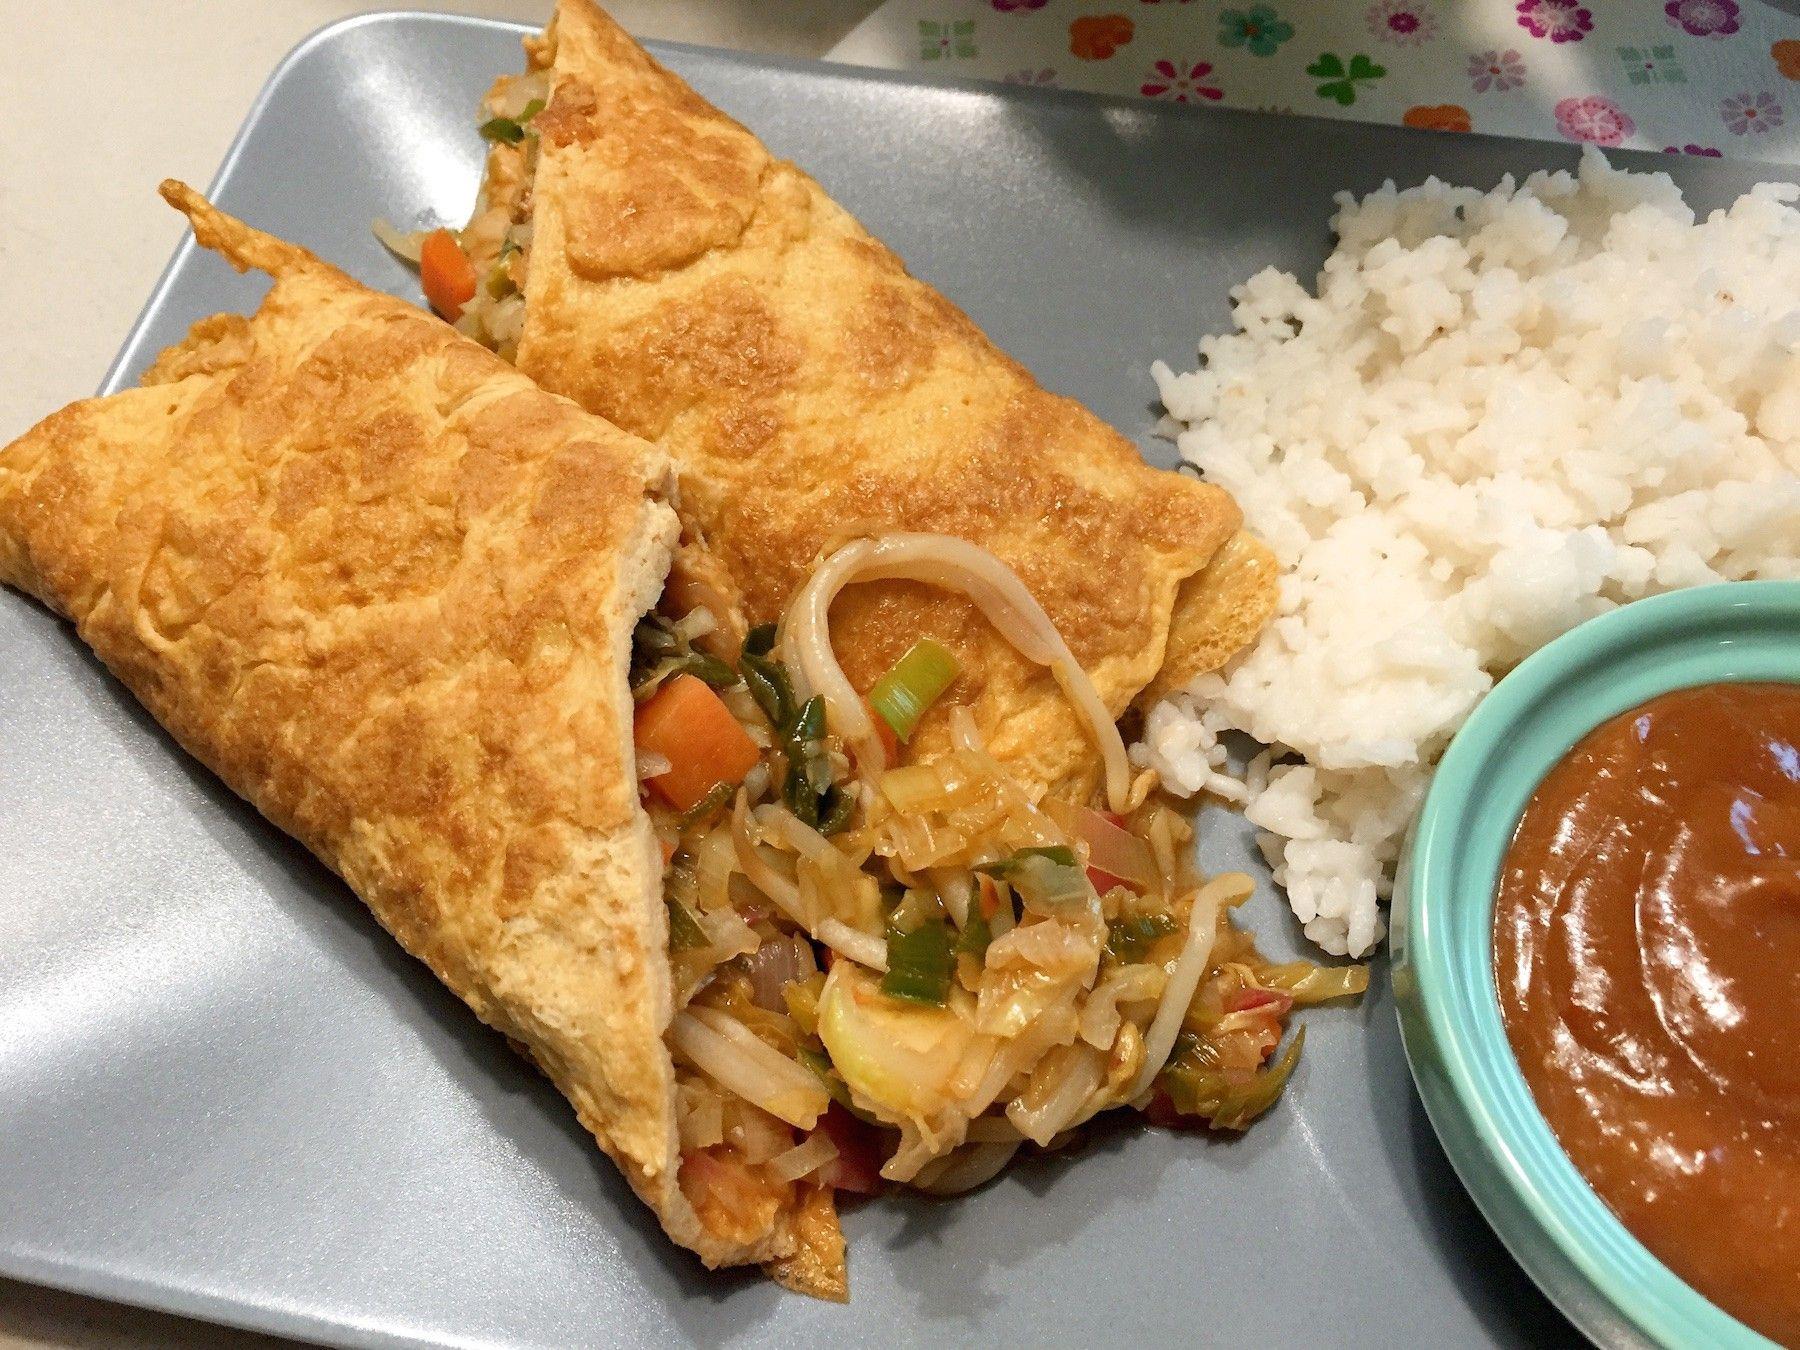 Een oosterse wrap gemaakt van ei (omelet) geserveerd met zoet zure groenten en rijst. Lekker op ieder dag van het jaar. Ook geserveerd met satesaus.